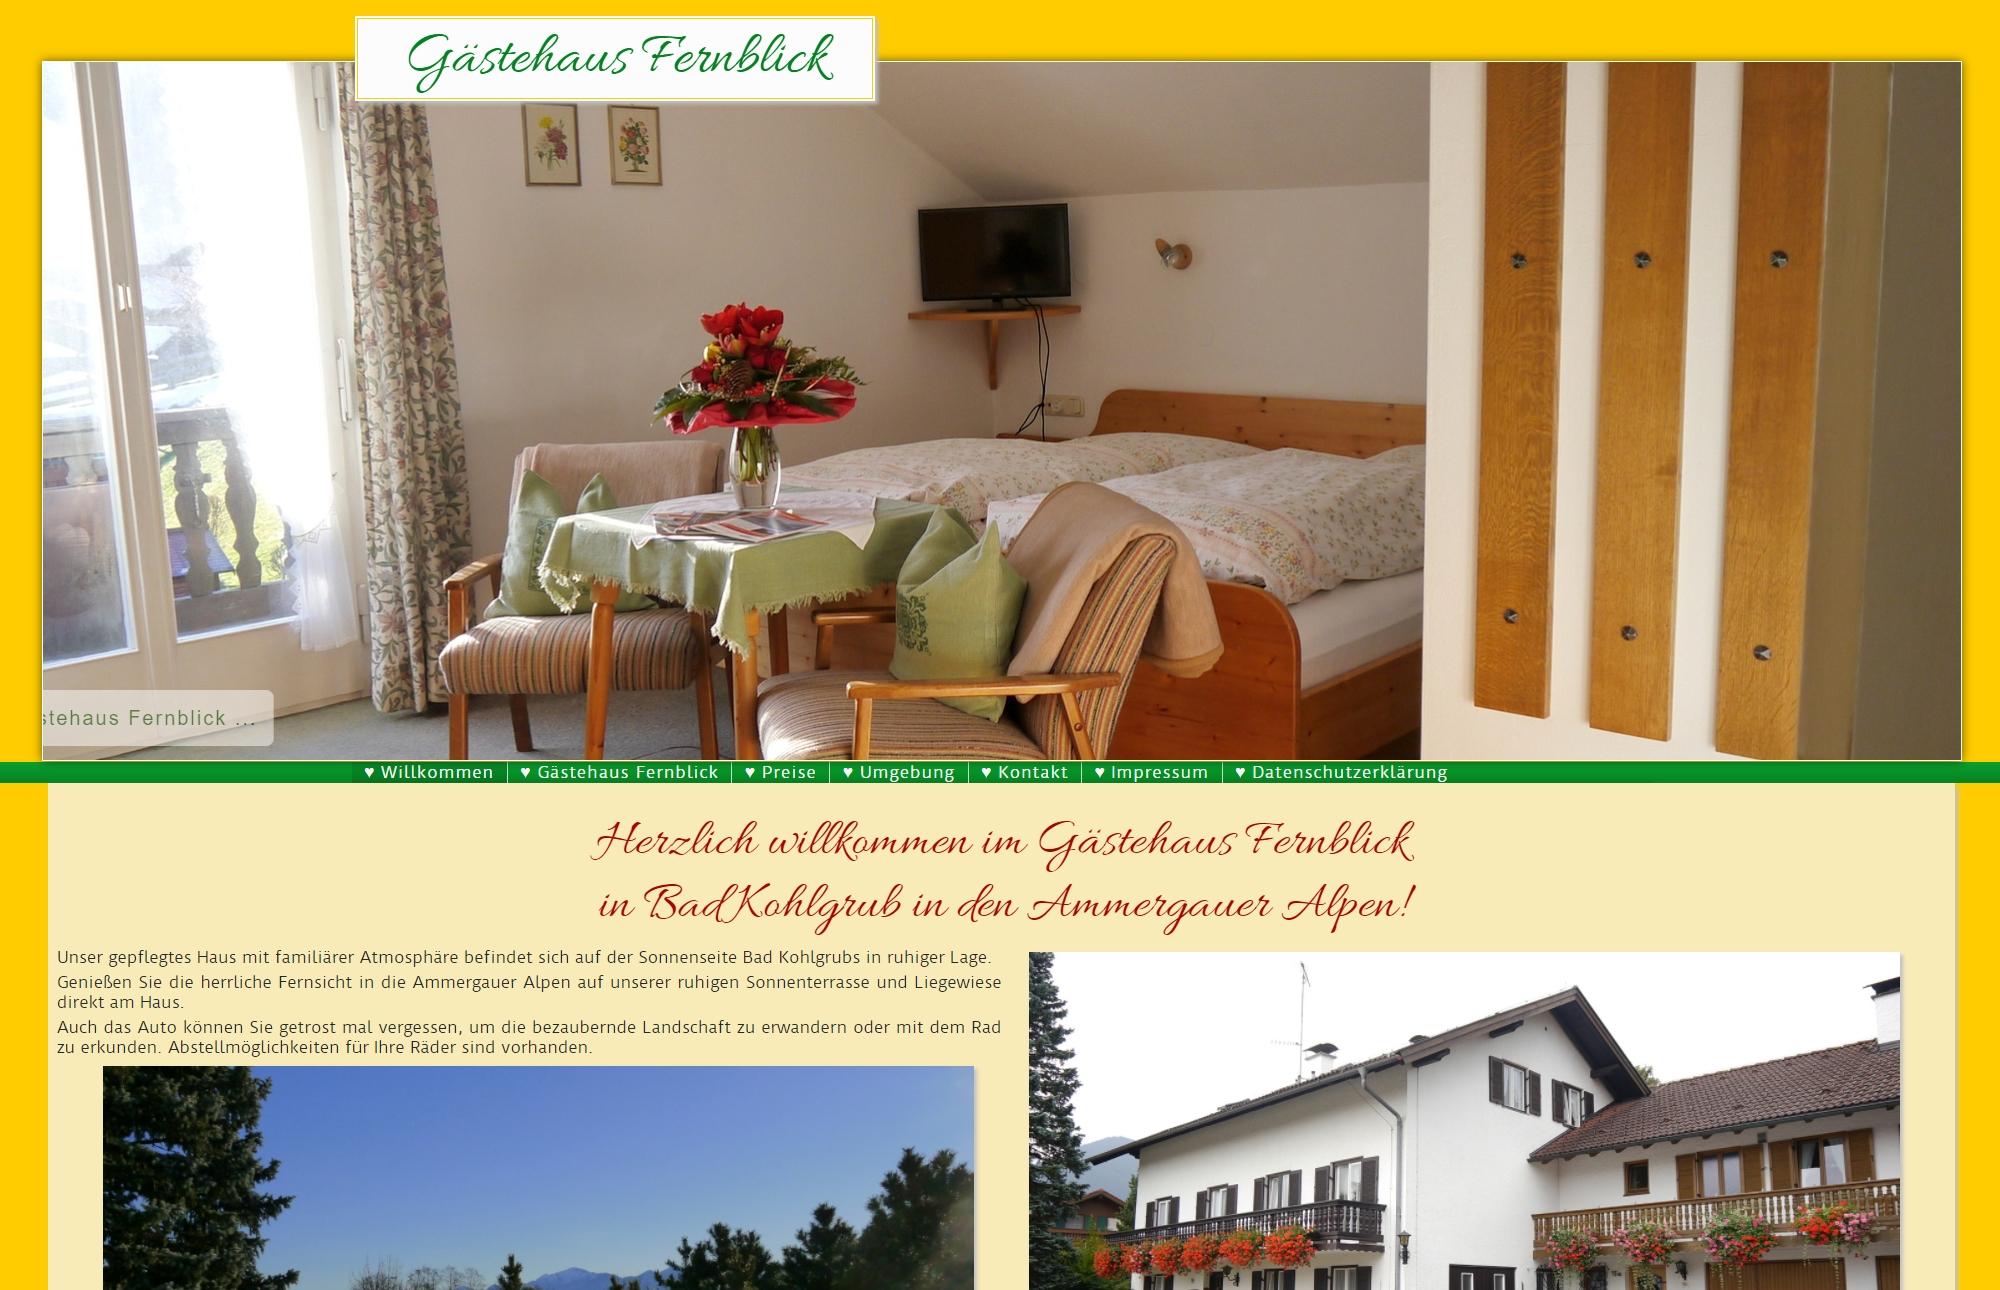 Gästehaus Fernblick, Bad Kohlgrub